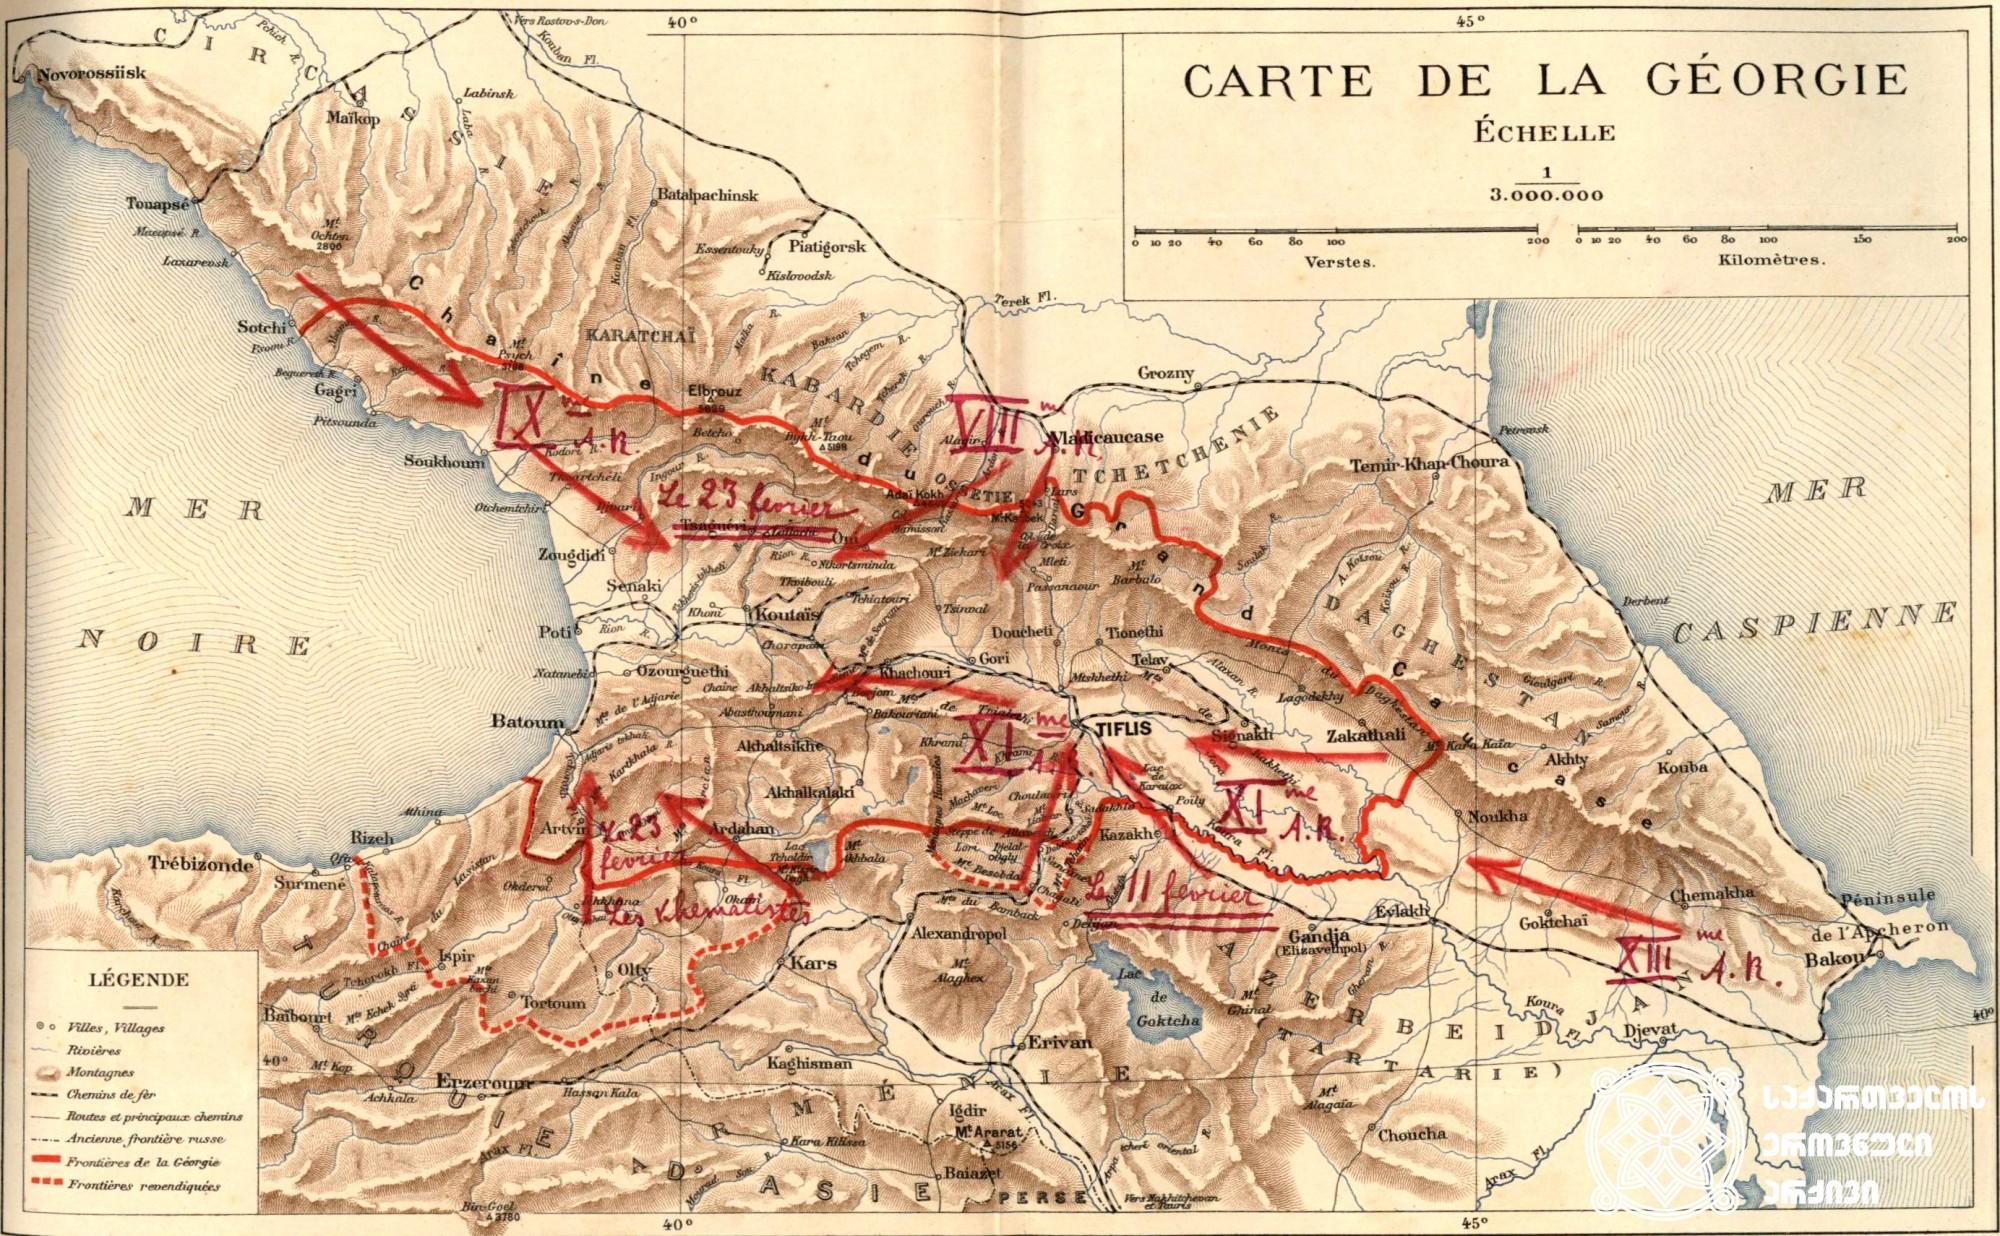 რუსული ოკუპაციის ამსახველი რუკა საქართველოს დემოკრატიული რესპუბლიკის დამფუძნებელი კრების თავმჯდომარის ნიკოლოზ (კარლო) ჩხეიძის დოკუმენტებიდან. <br>  The map, depicting the Russian occupation, from the documents of Nikoloz (Carlo) Chkheidze, Chairman of the Constituent Assembly of the Democratic Republic of Georgia.